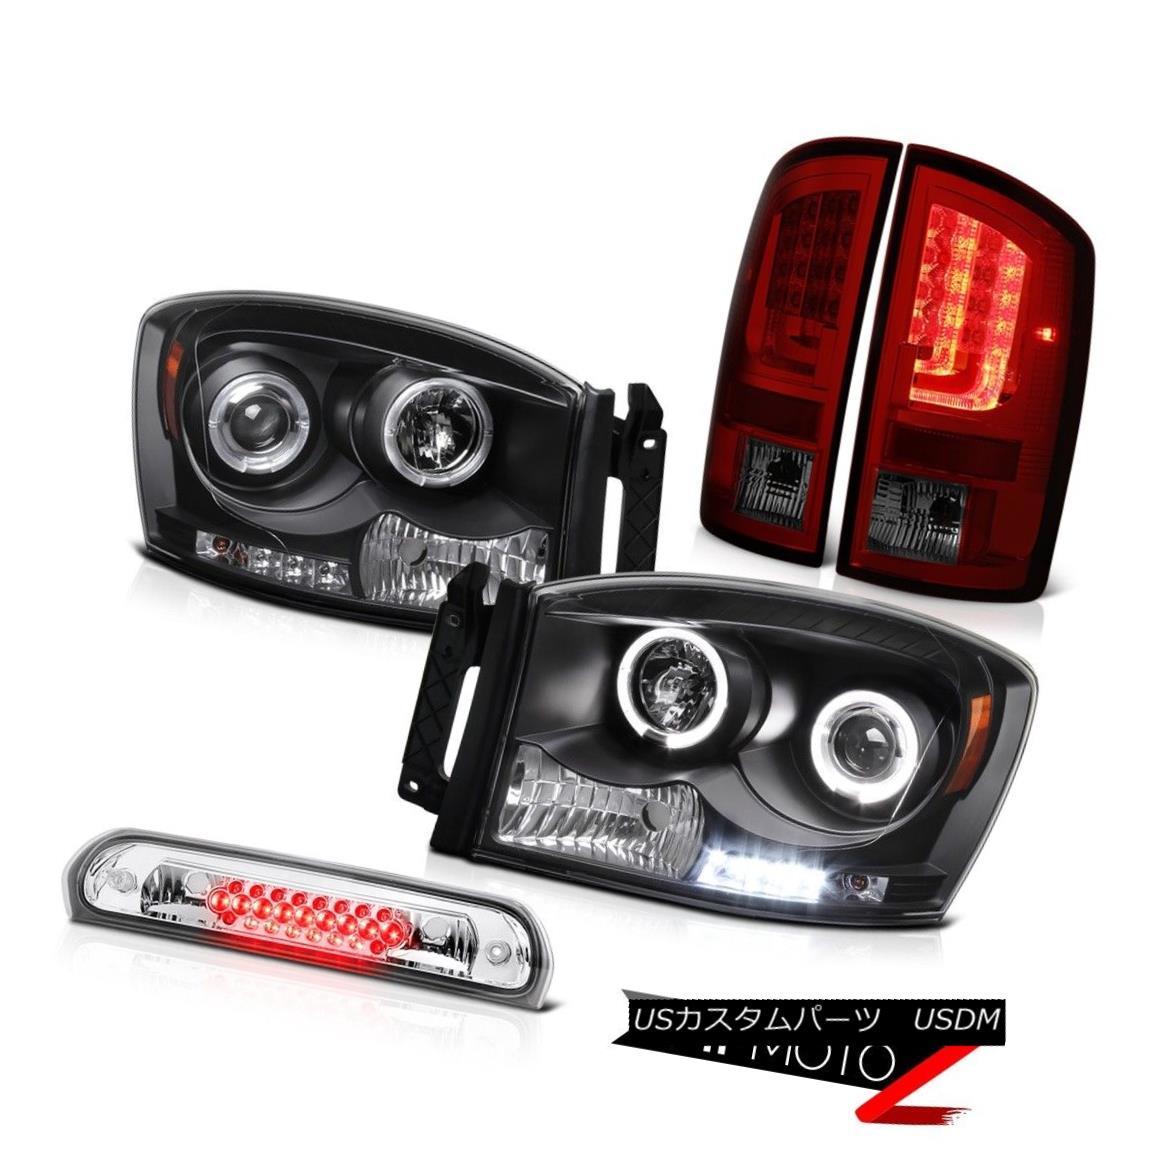 テールライト 2007-2008 Dodge Ram 1500 3.7L Red Smoke Tail Brake Lamps Headlamps 3RD Lamp LED 2007-2008ダッジラム1500 3.7L赤煙テールブレーキランプヘッドランプ3RDランプLED